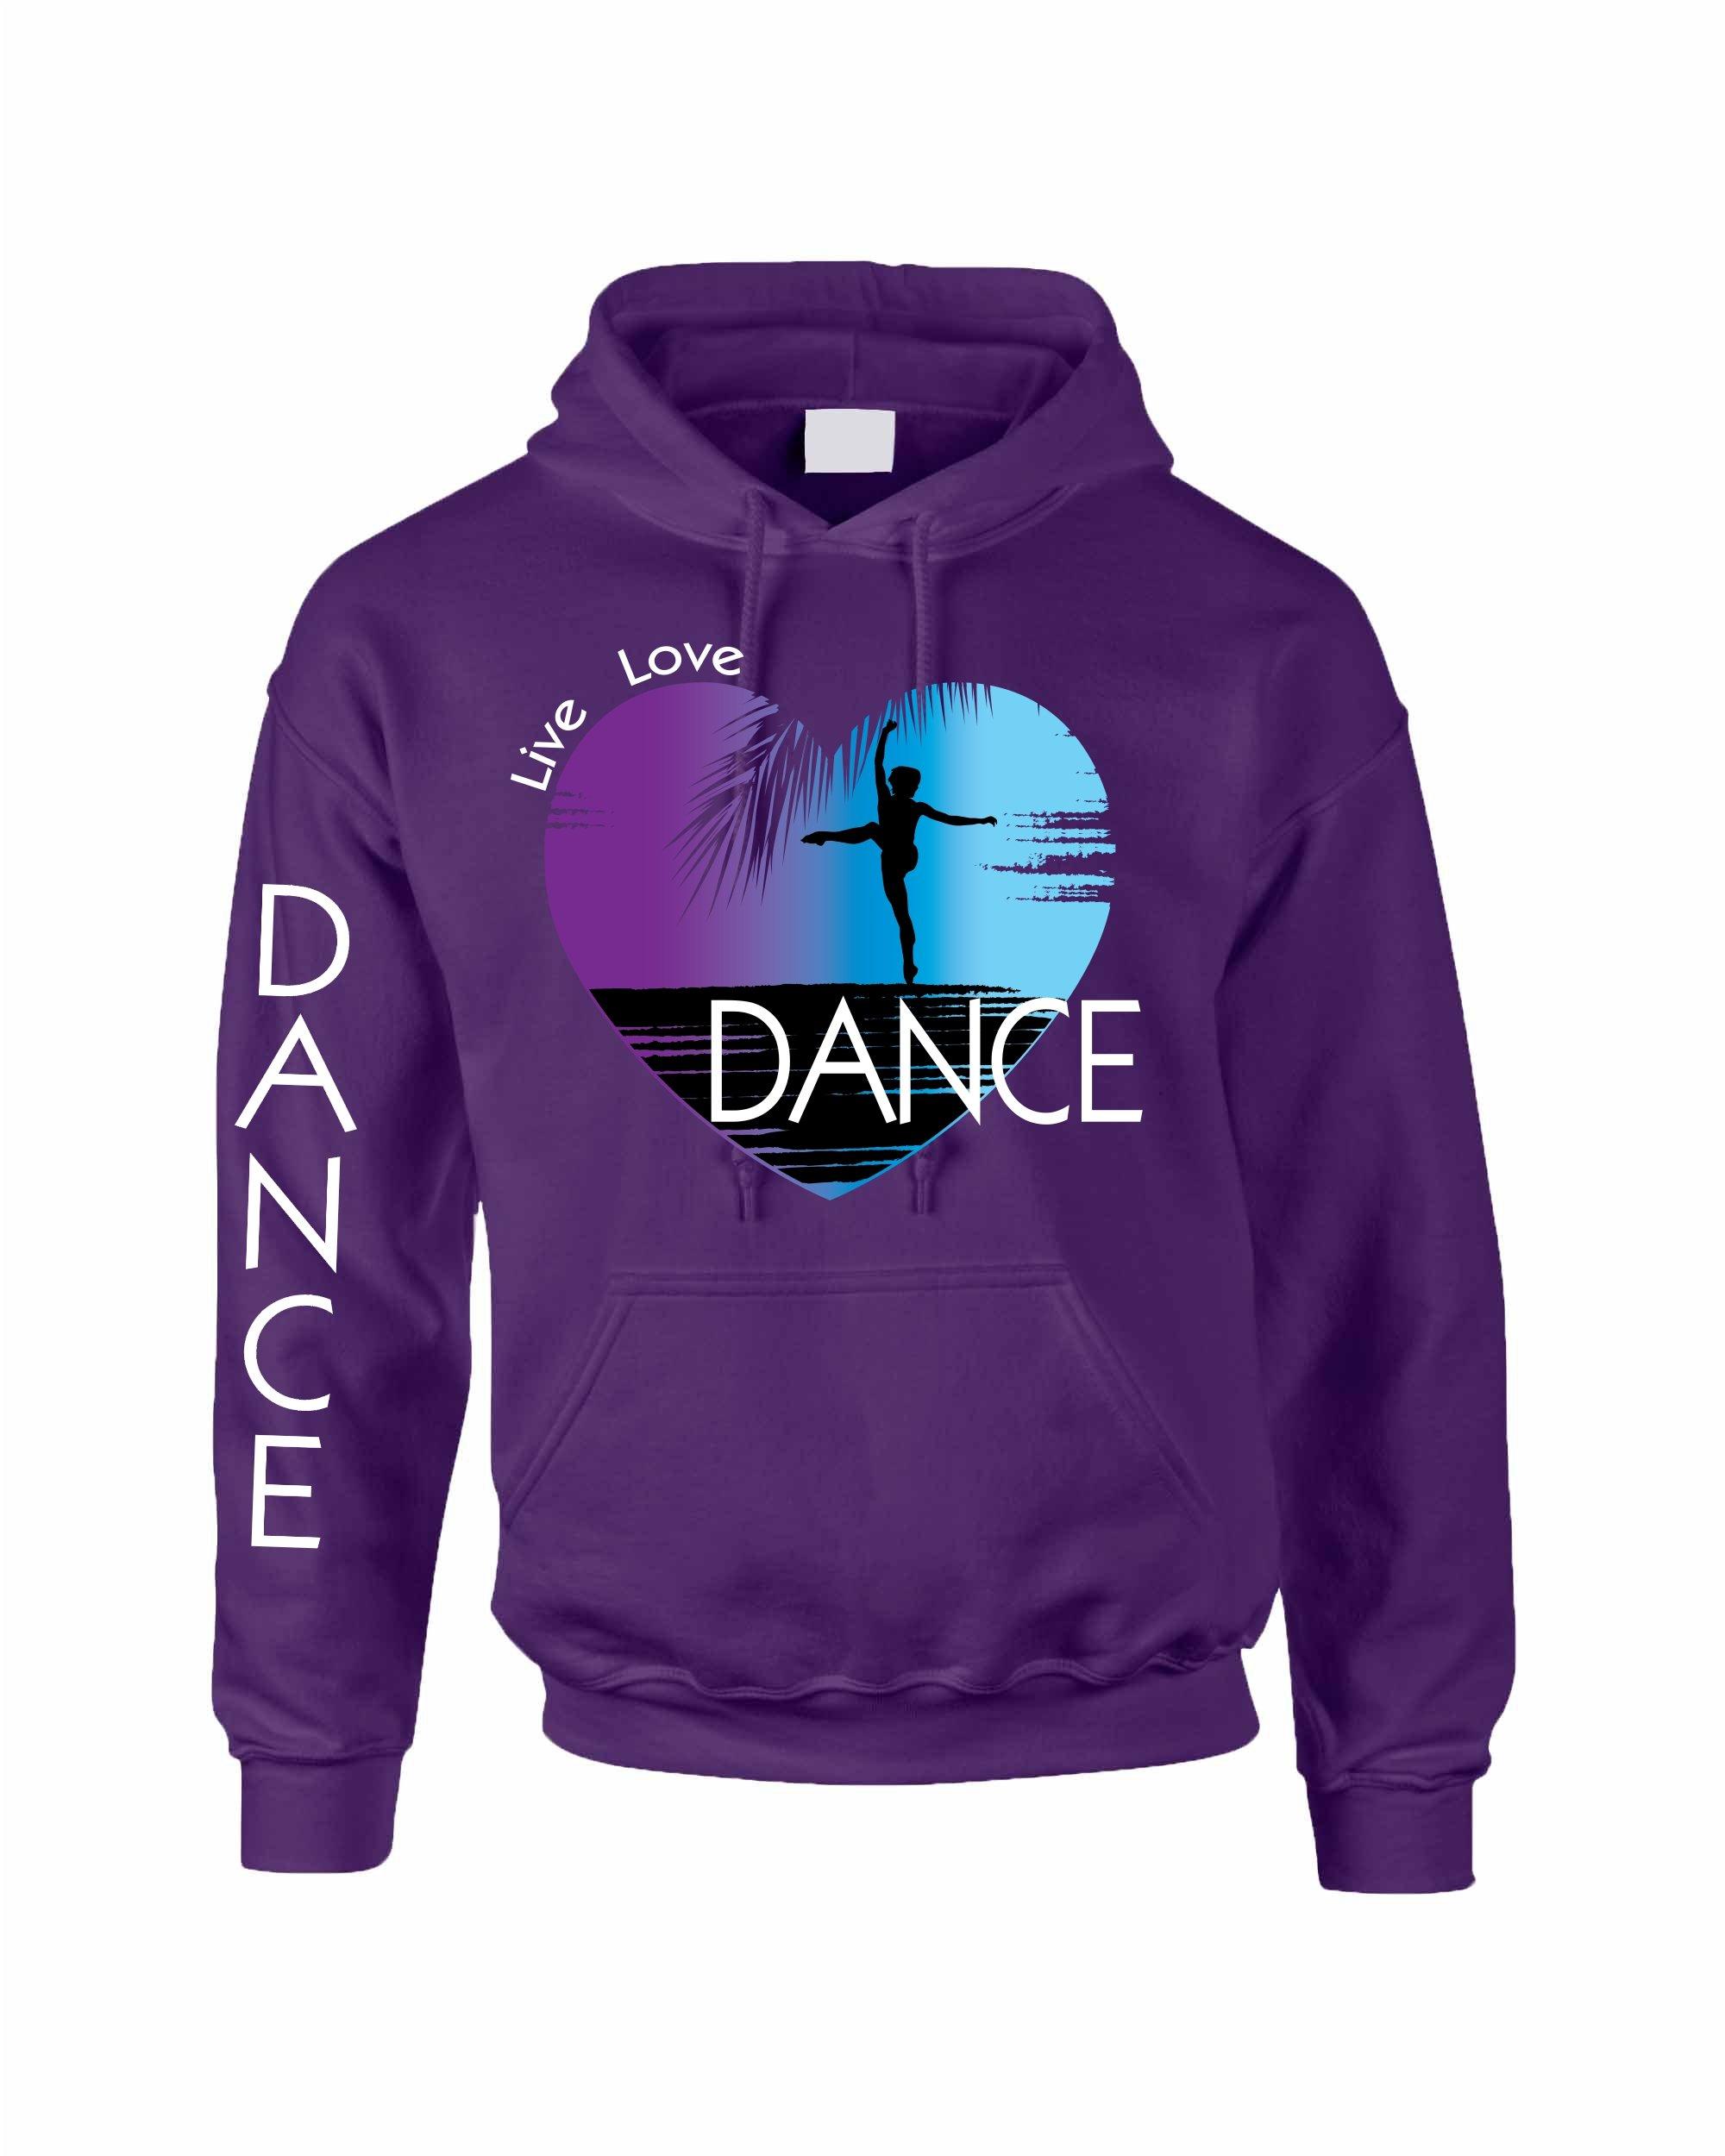 Allntrends Adult Hoodie Dance Art Purple Print Love Cute Top Nice Gift (L, Purple)